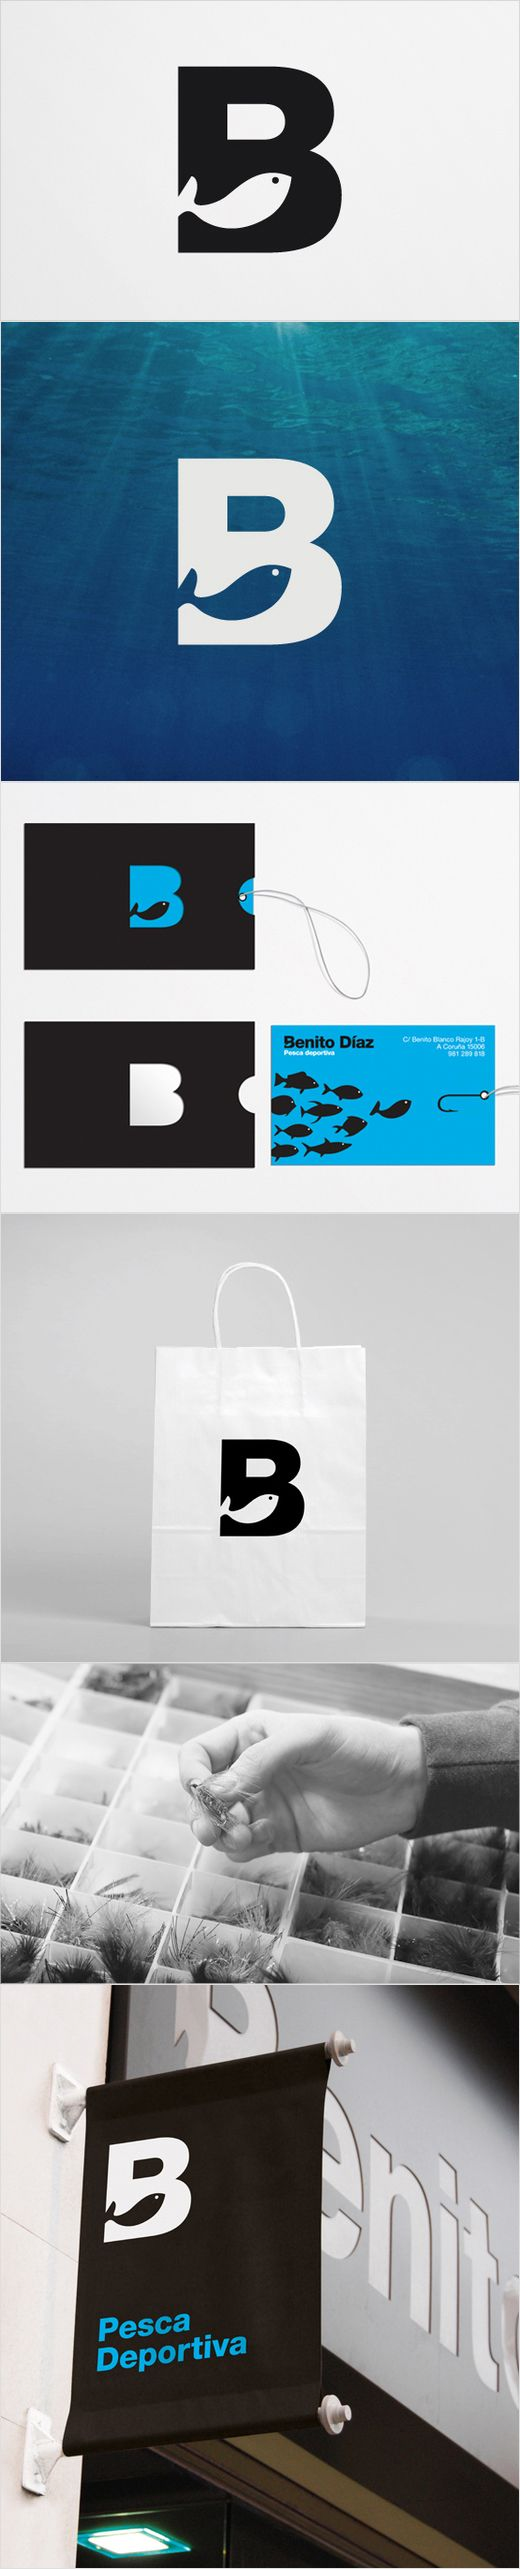 Sport Fishing Logo: Benito Díaz  - David de la Fuente www.daviddelafuente.com